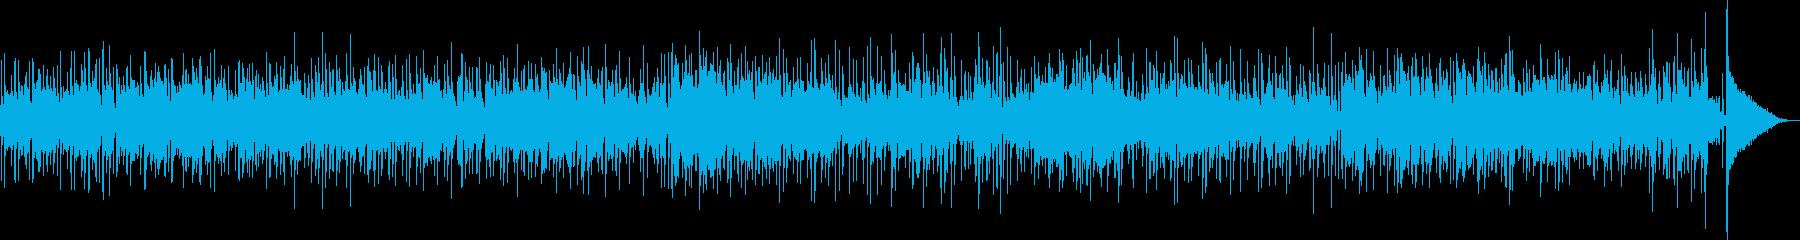 コミカルで軽快なカントリーブルース生演奏の再生済みの波形